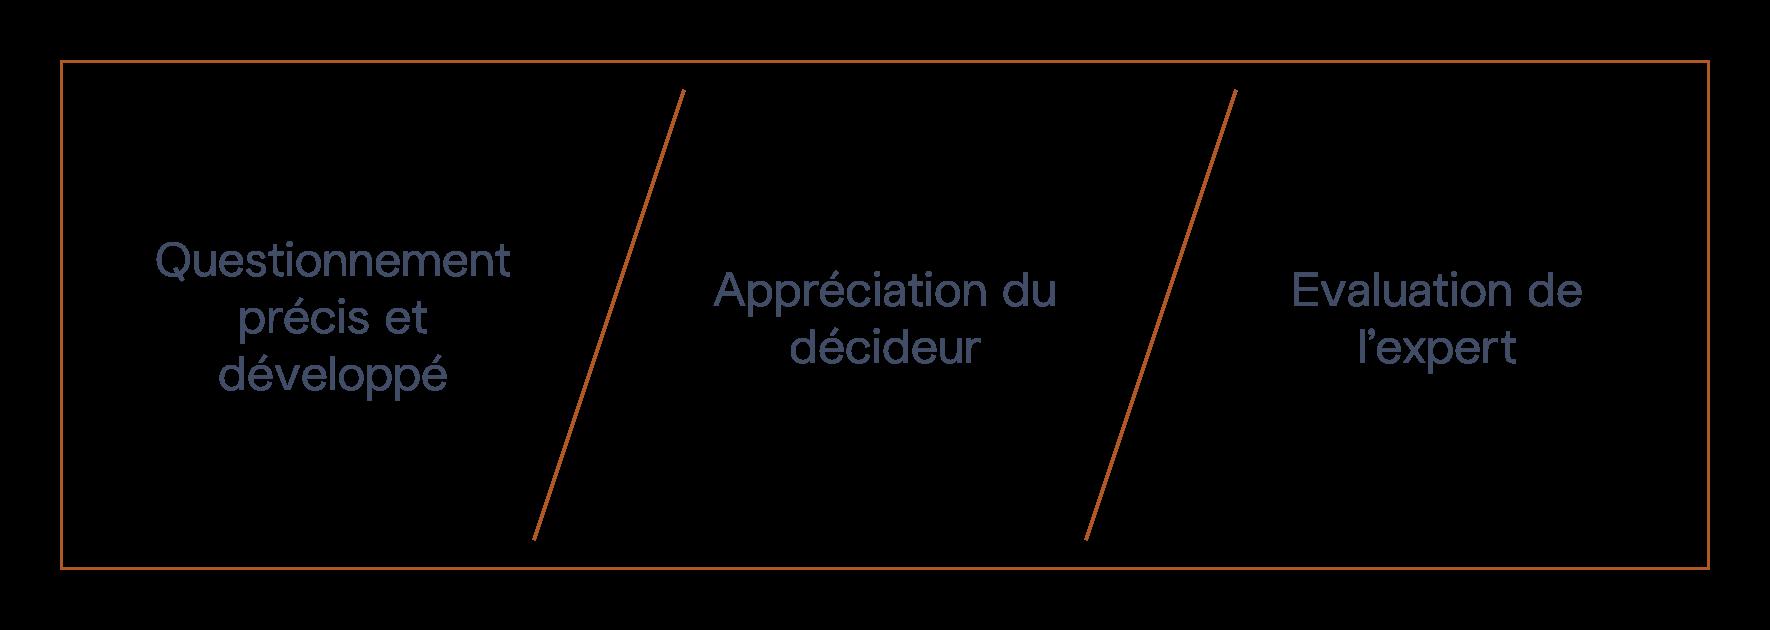 Audit Développement des affaires M&BD © - Diagram Steps